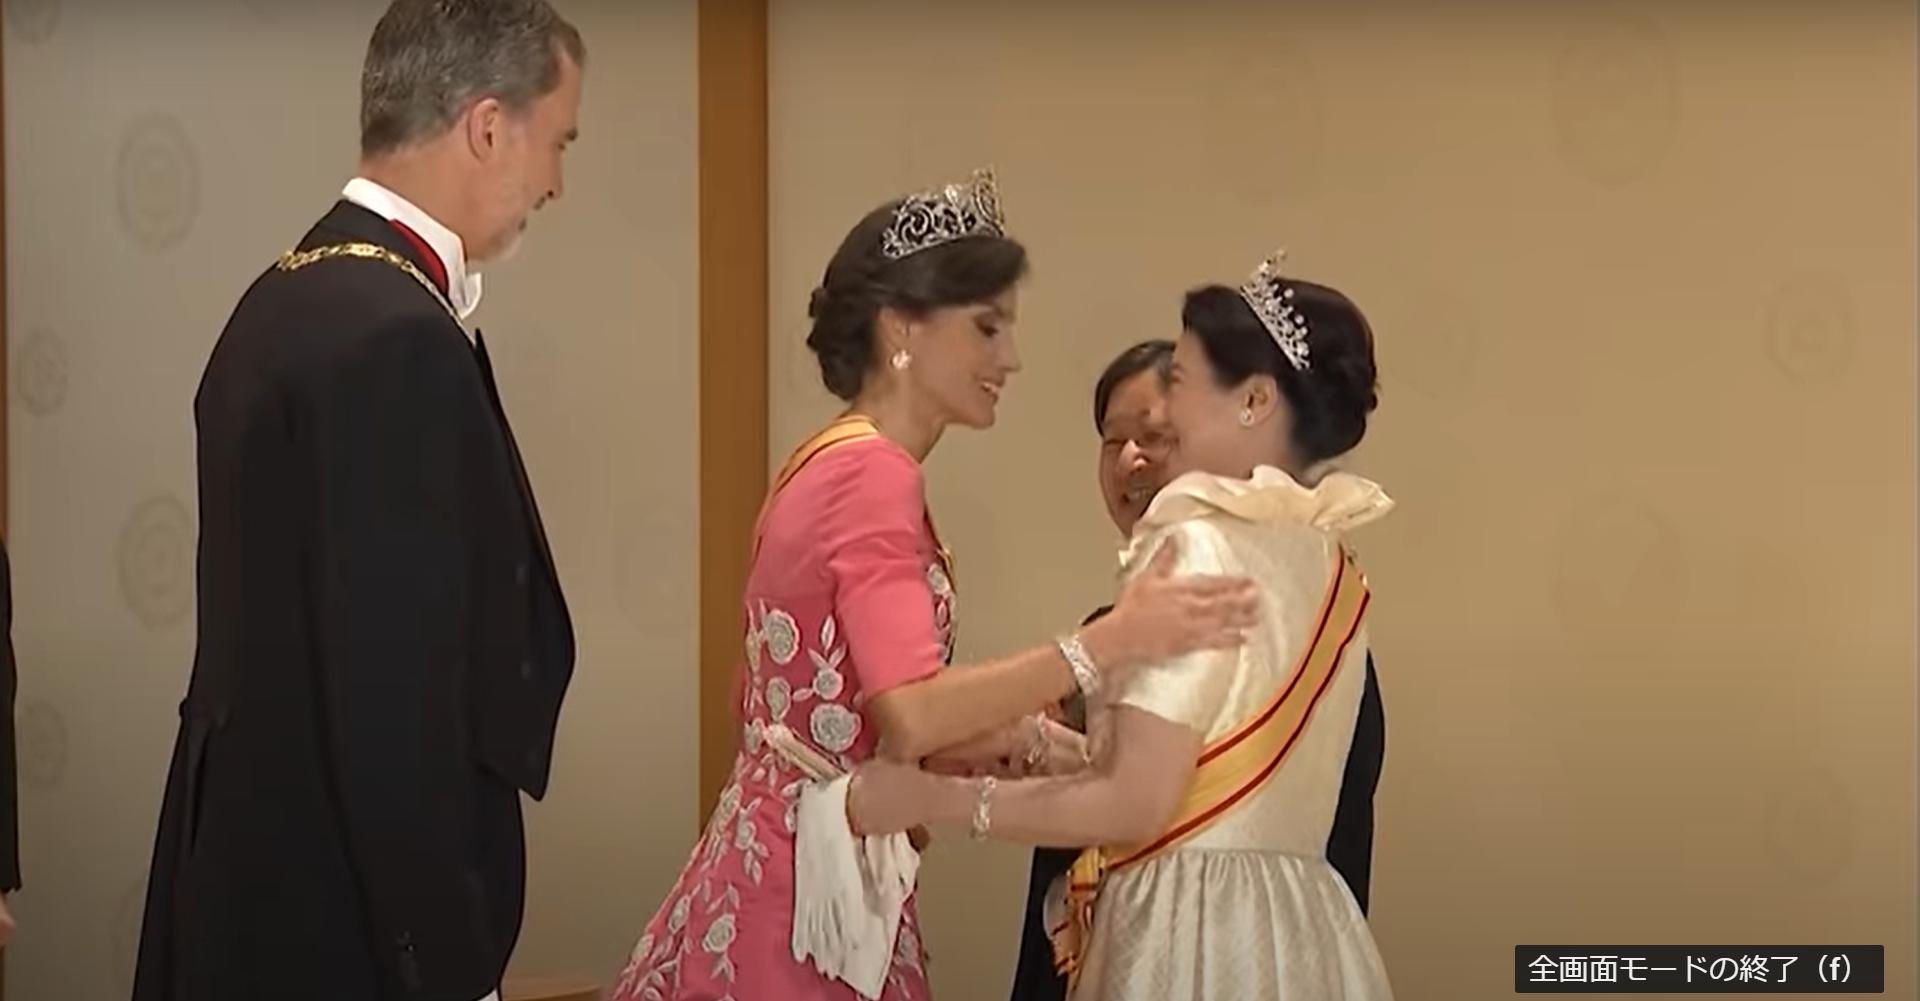 様 饗宴 儀 雅子 の 雅子さまとスペイン王妃は熱い抱擁を交わした。その理由に心が揺り動かされた